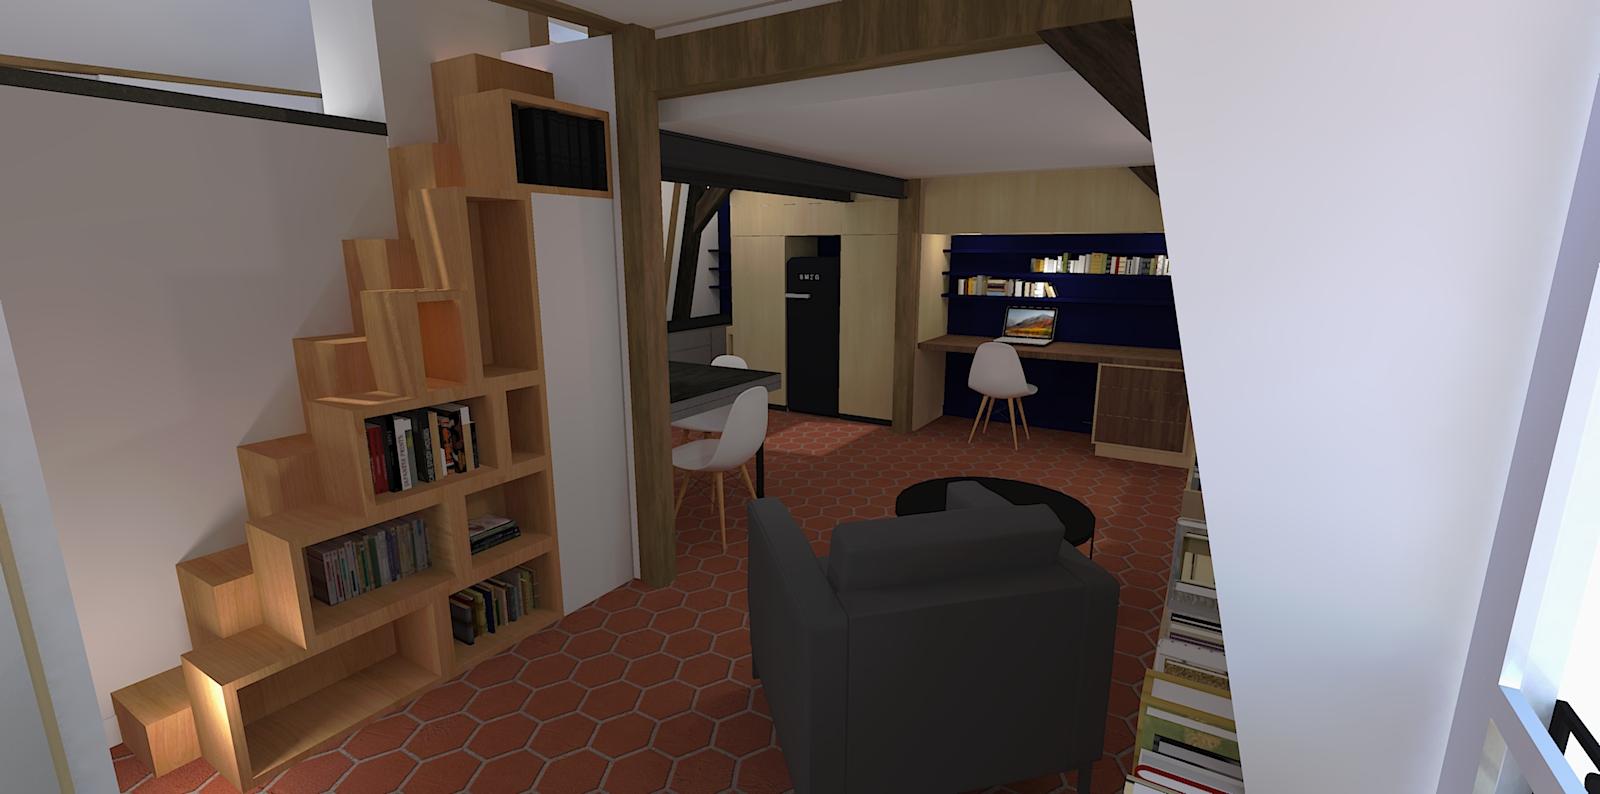 Appartement César, rue Saint Claude, paris 4, restructuration complète